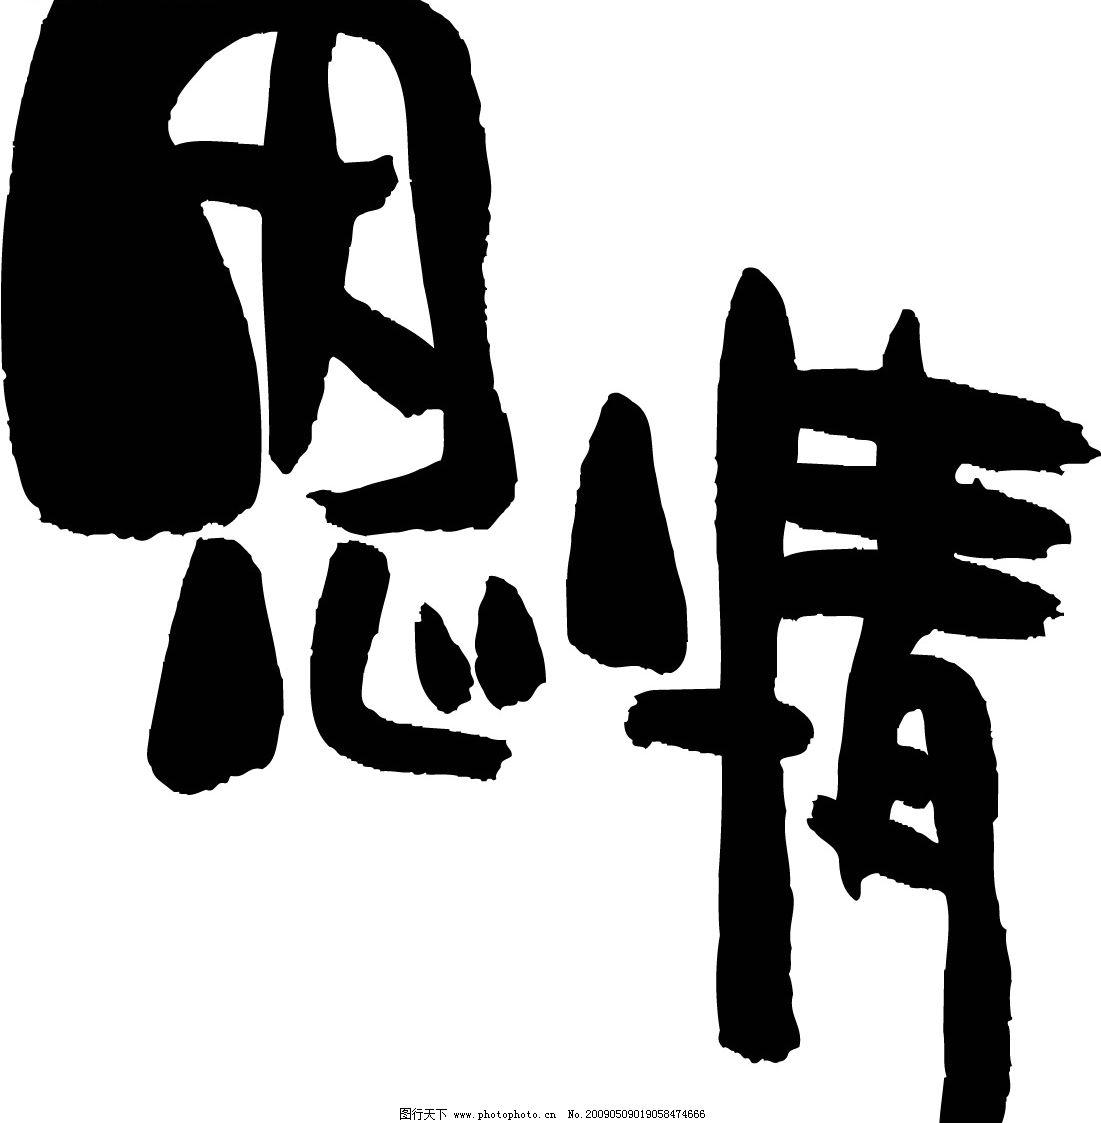 书法字图片,美术绘画 矢量图库-图行天下图库